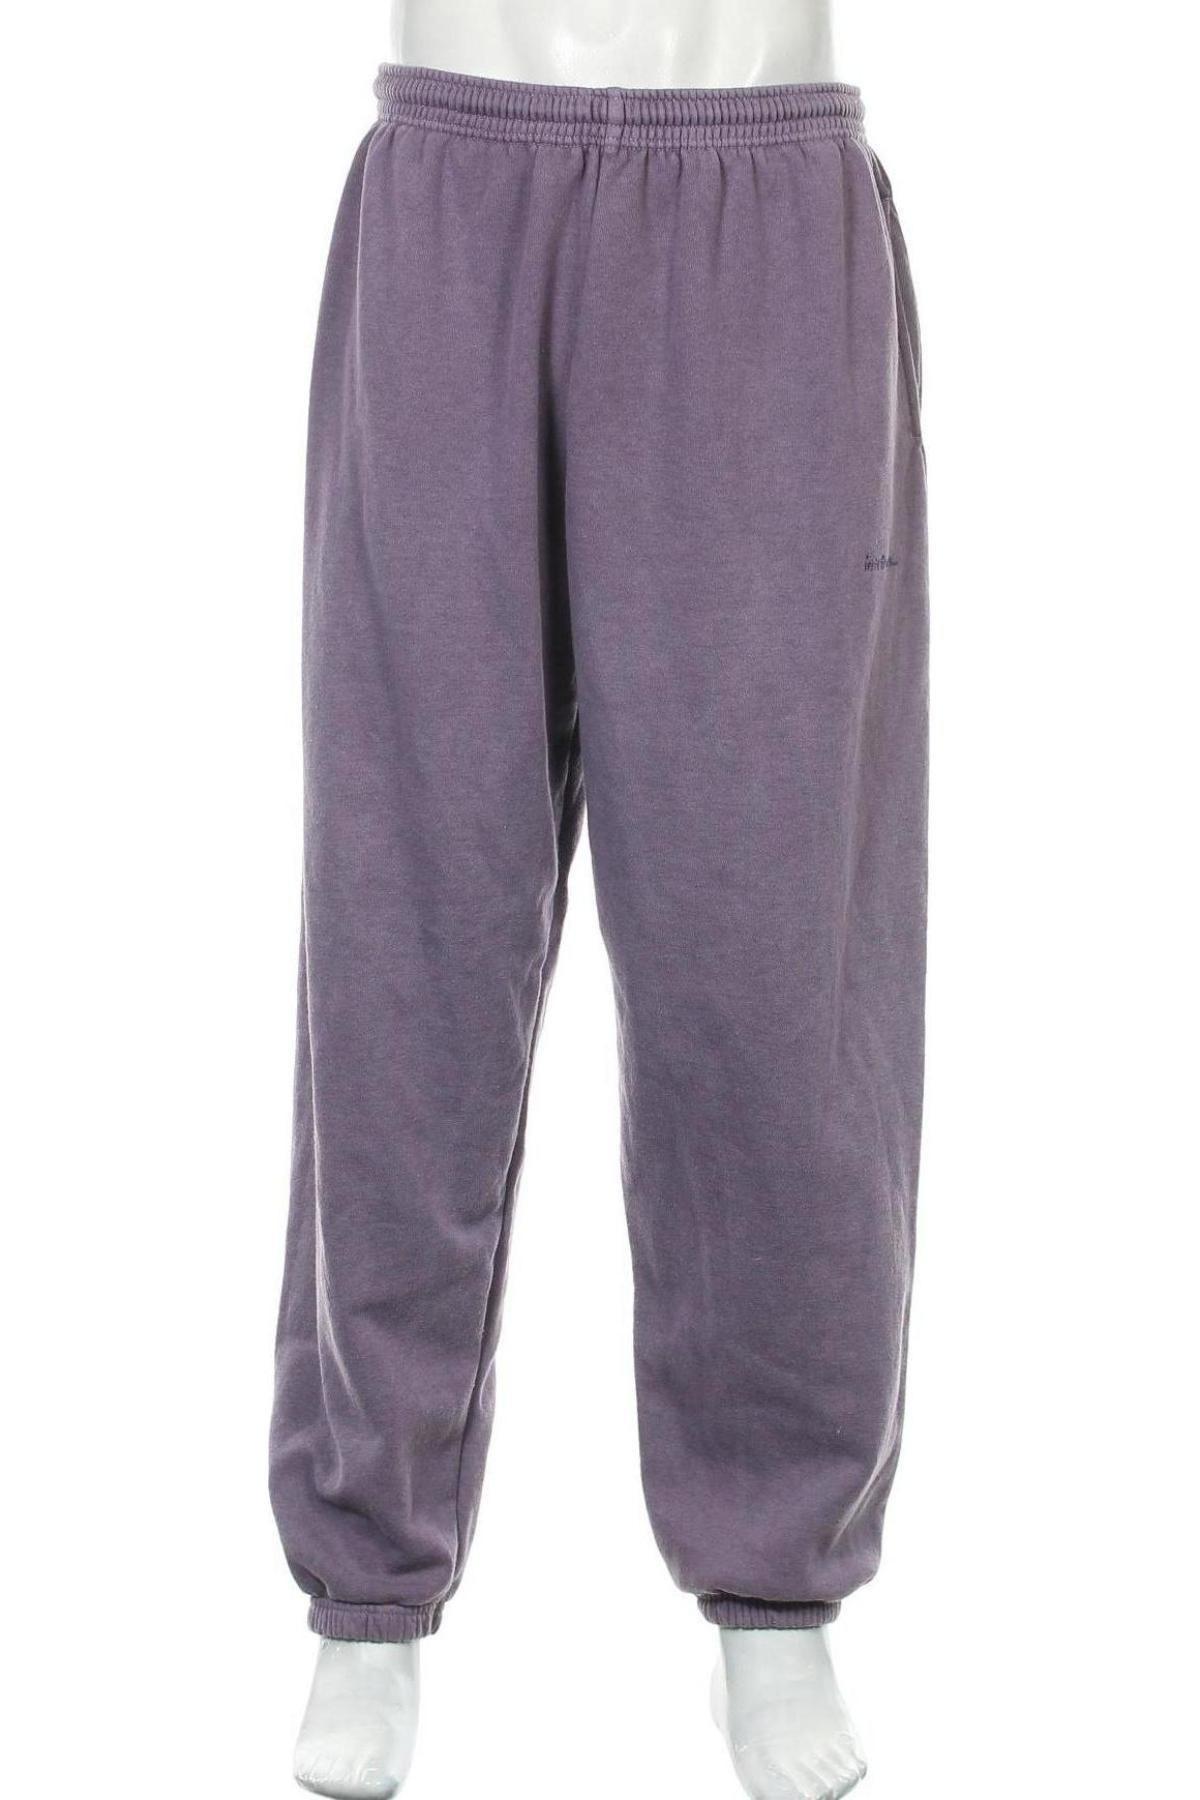 Мъжко спортно долнище Urban Outfitters, Размер XL, Цвят Лилав, 79% памук, 21% полиестер, Цена 55,50лв.